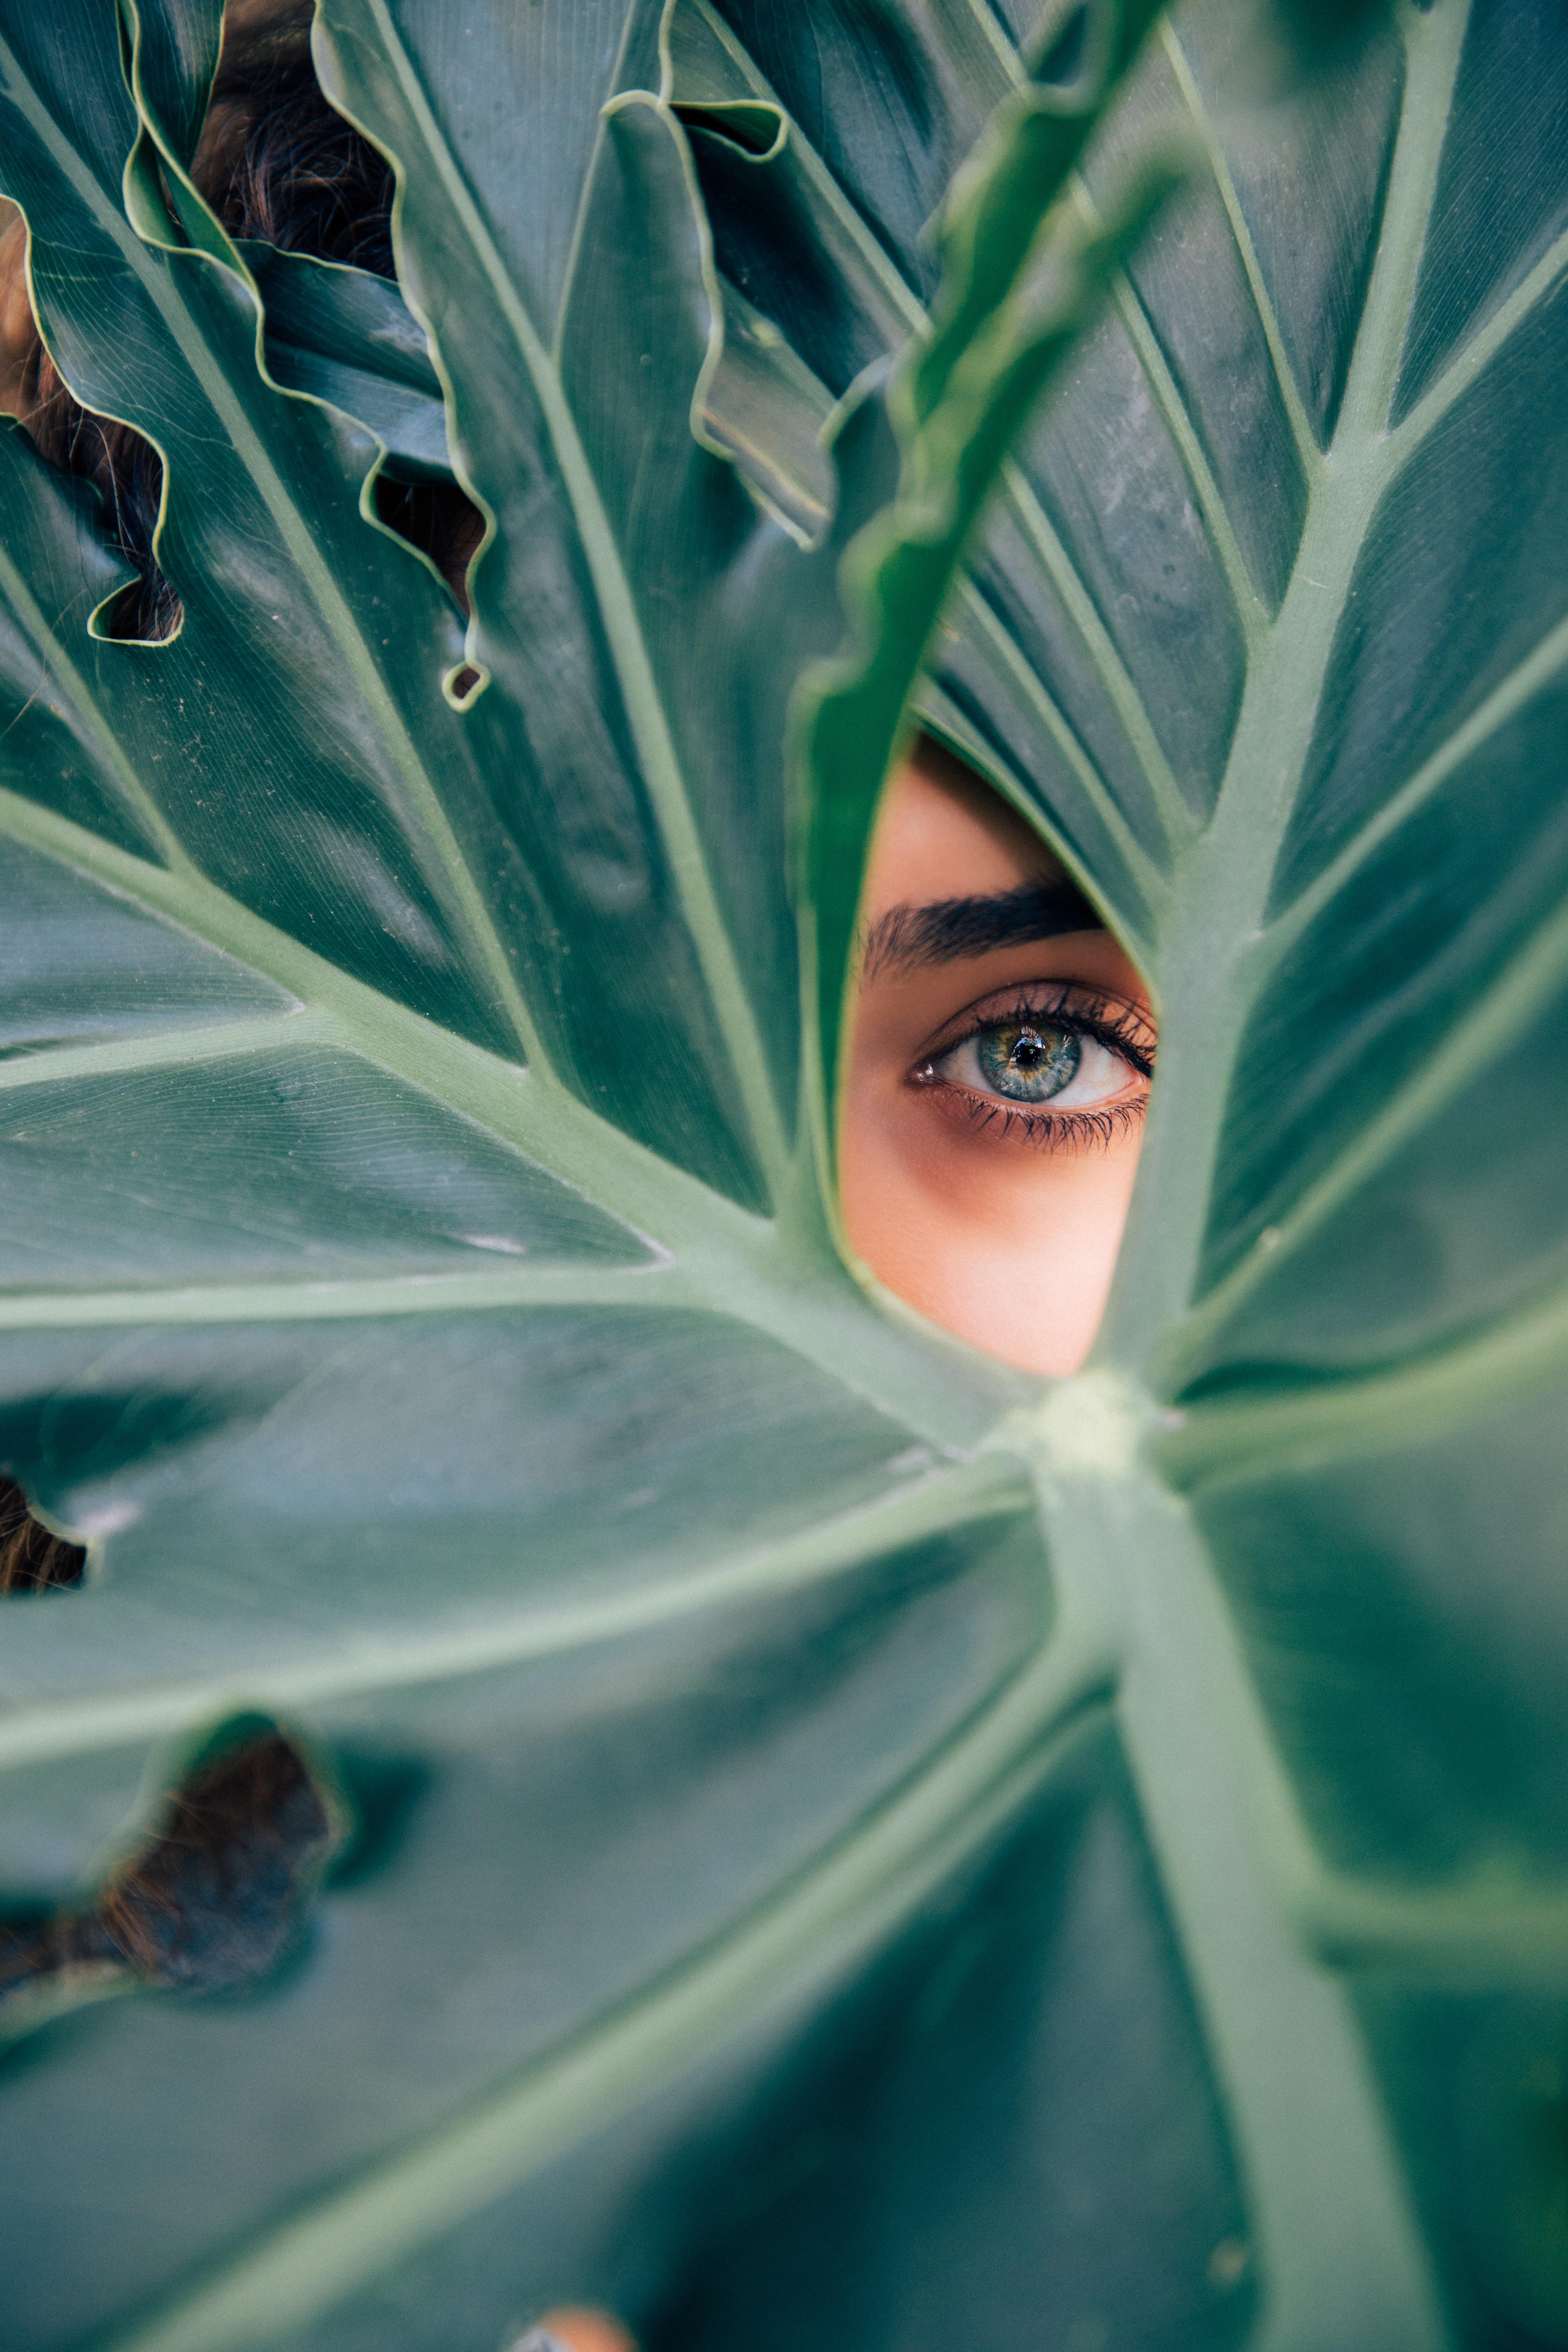 Woman's eye peers through large green leaves